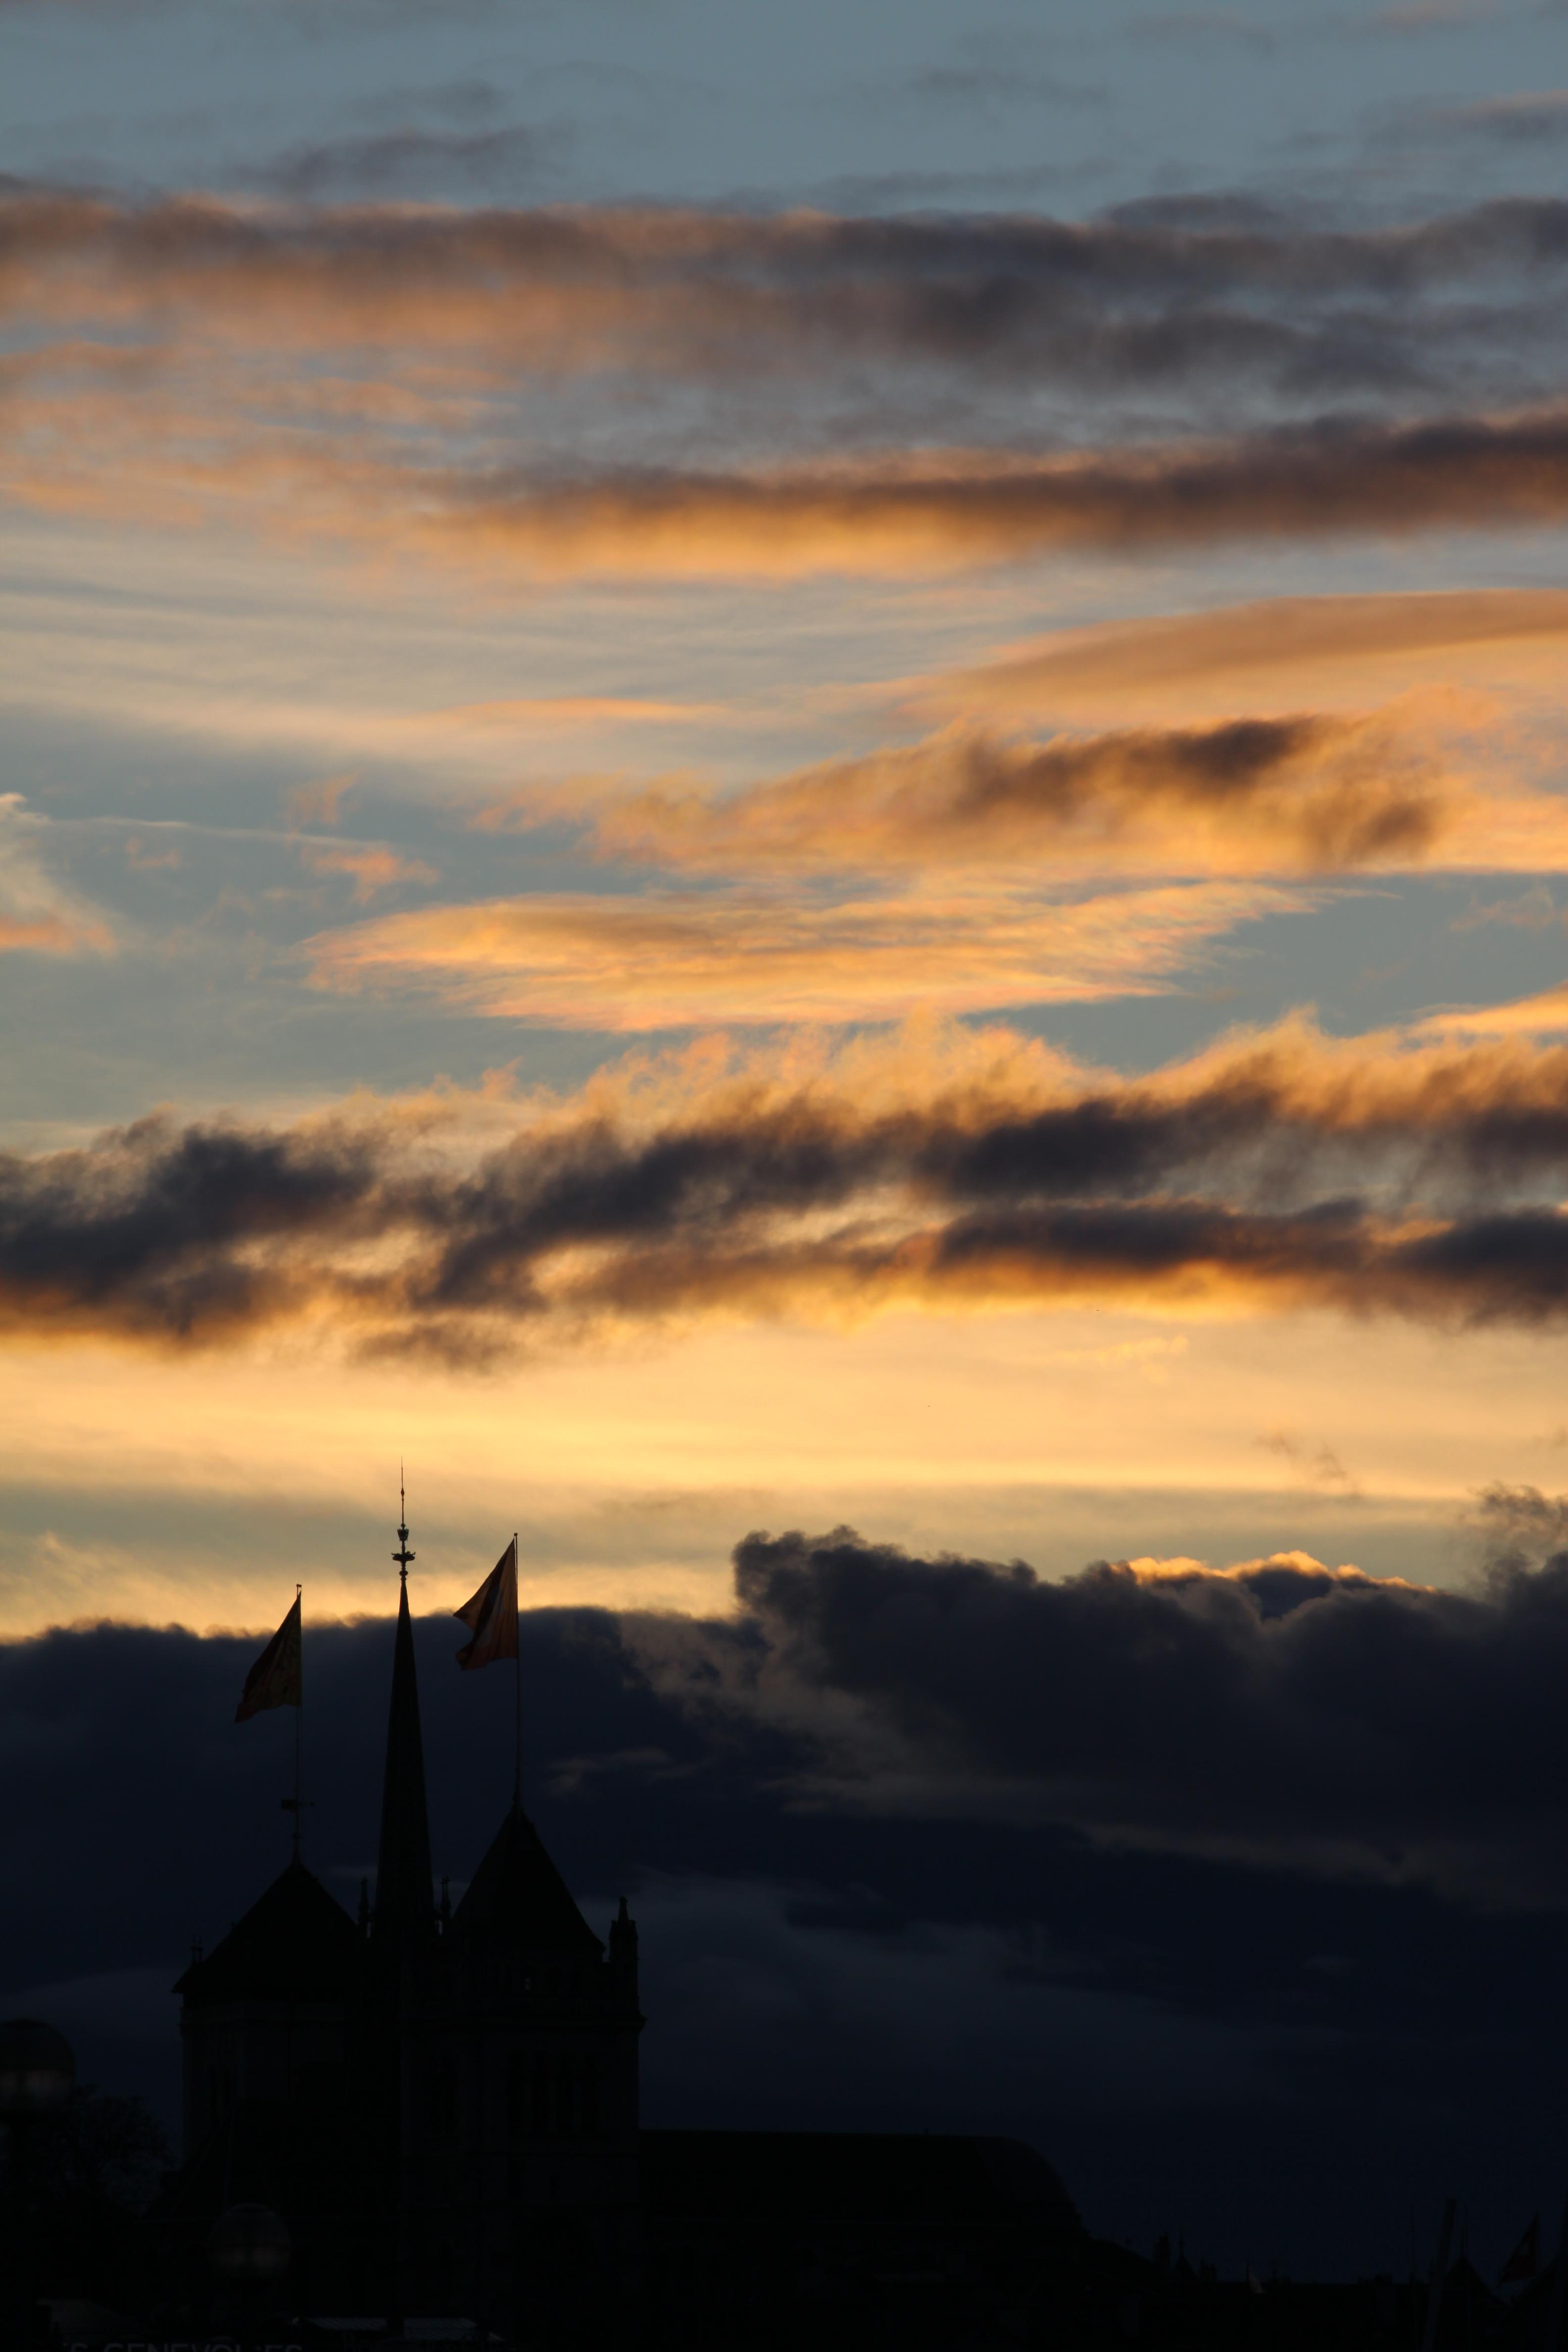 ciel de coucher de soleil, bleu et orange, dans la partie supérieure de l'image avec la cathédrale Saint-Pierre en bas à gauche de l'image